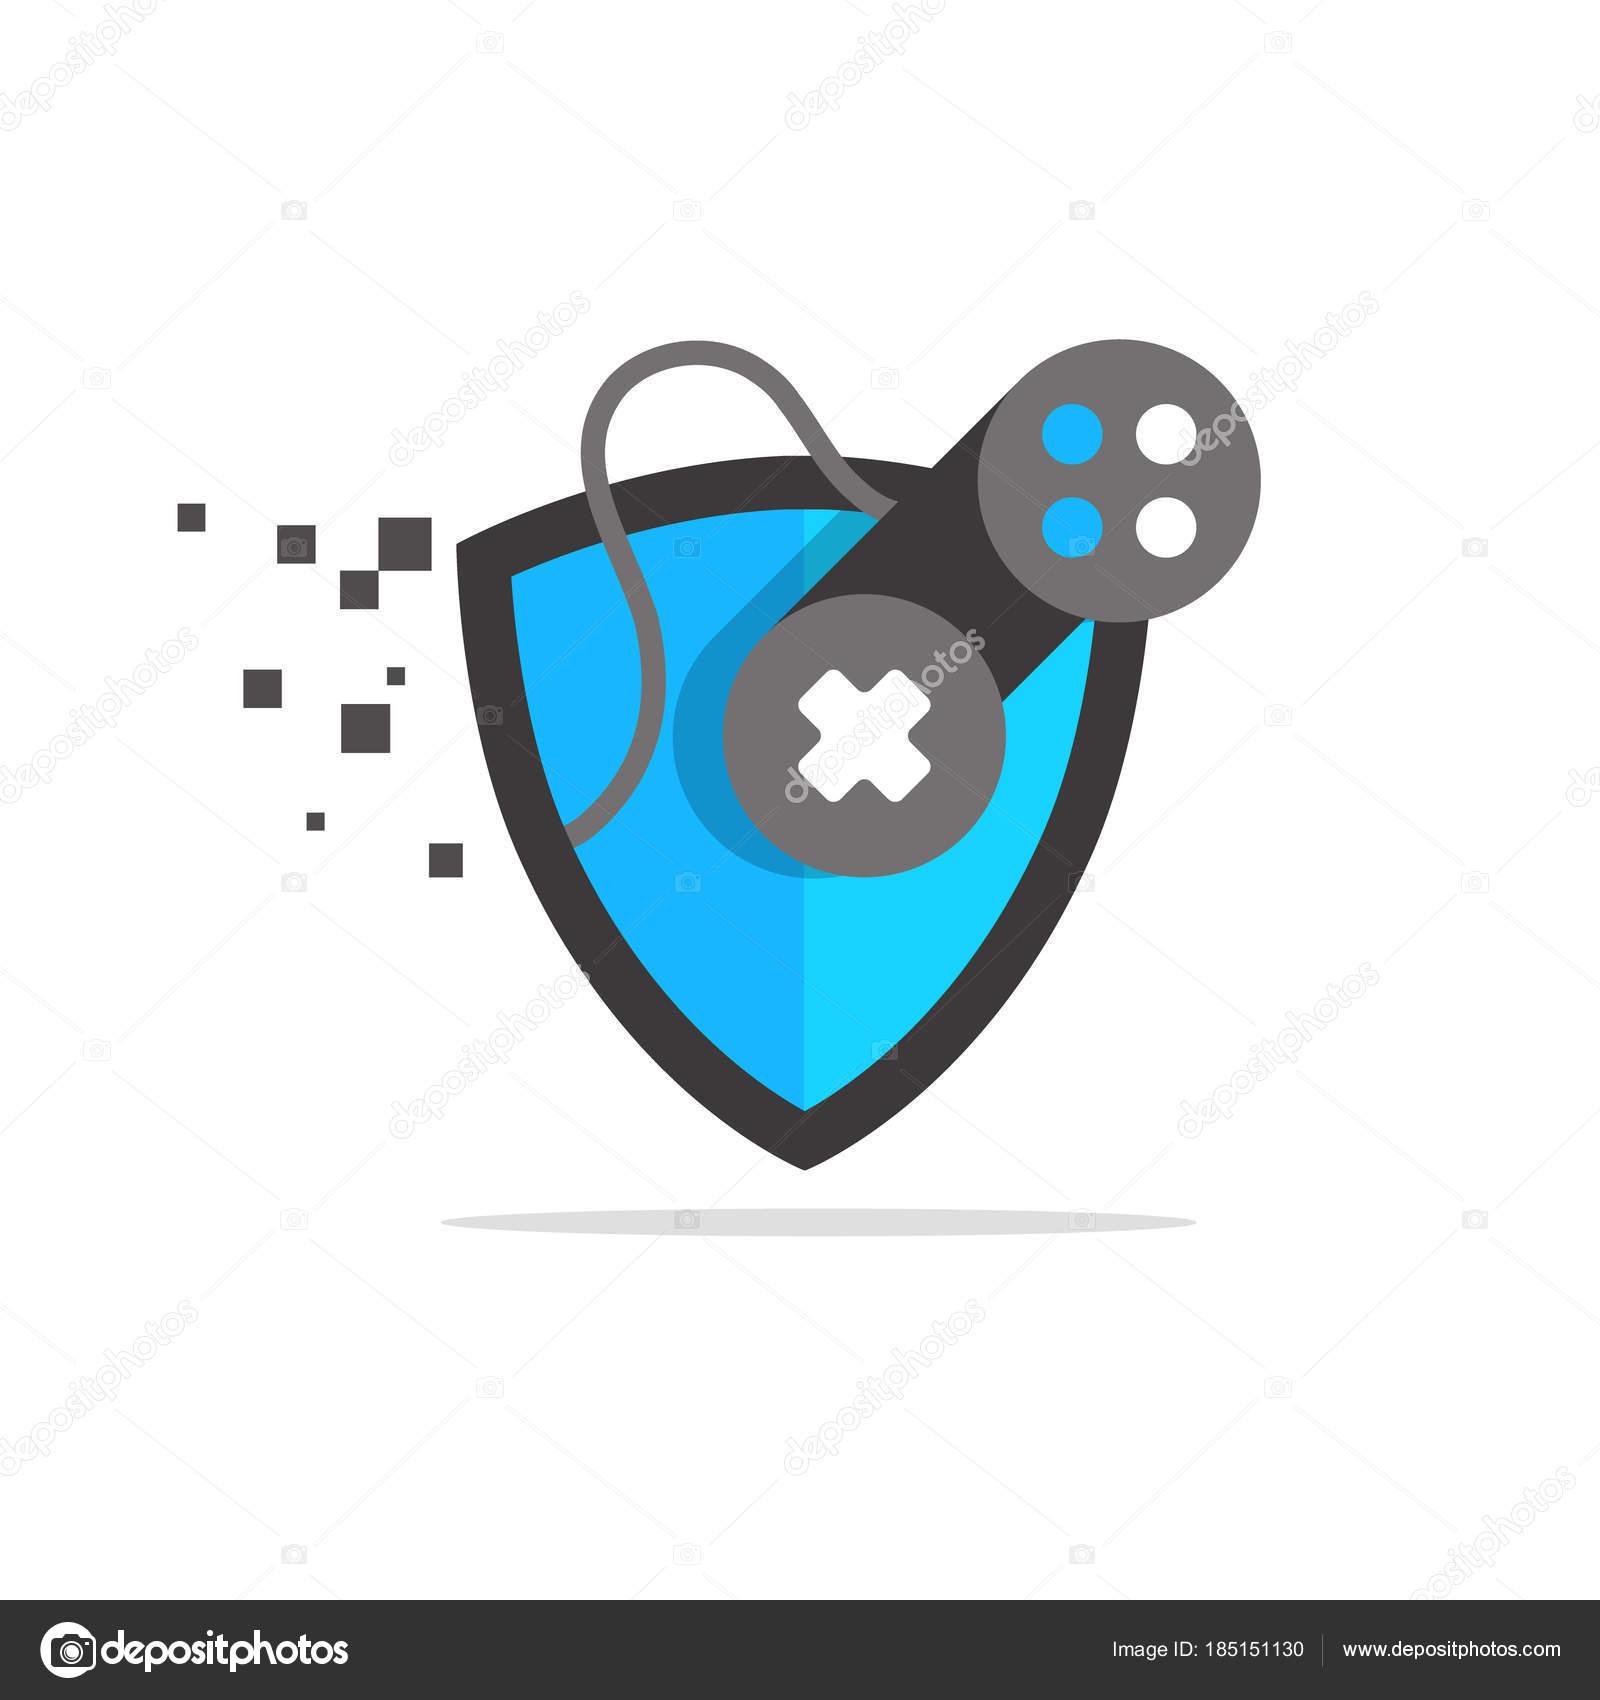 Juegos Logo Joypad Con Juego Escudo Seguro Archivo Imagenes